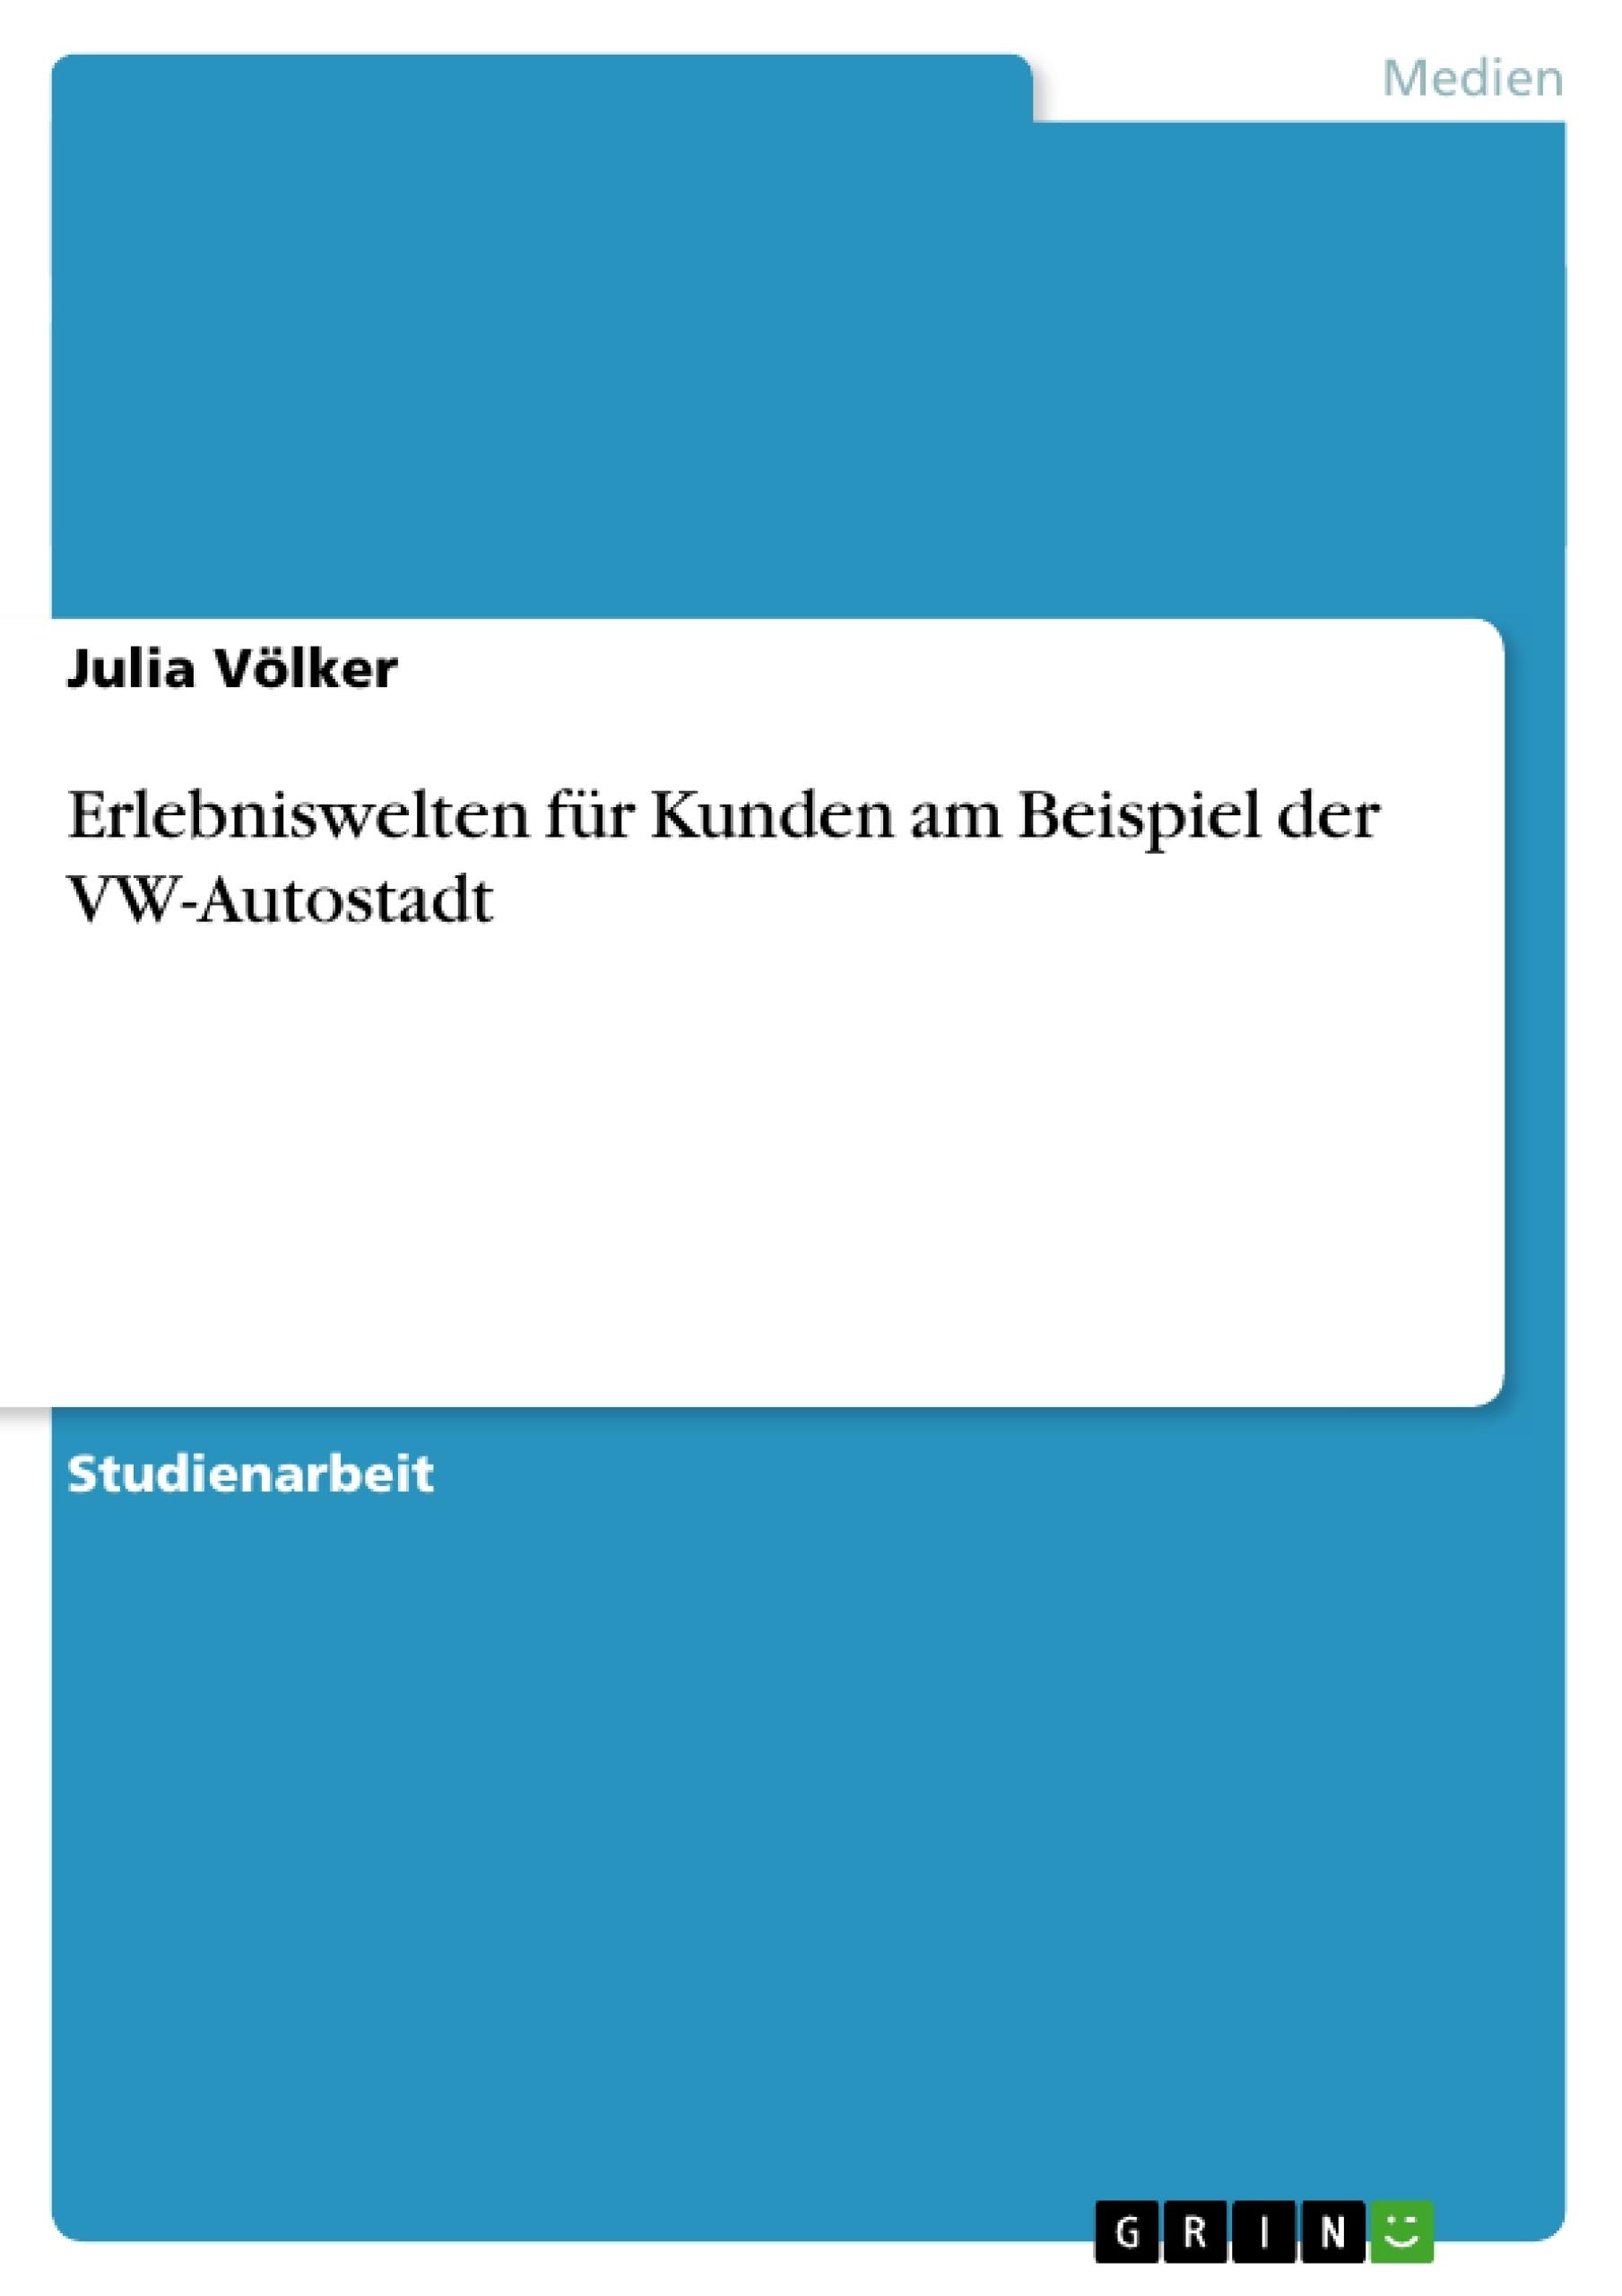 Titel: Erlebniswelten für Kunden am Beispiel der VW-Autostadt